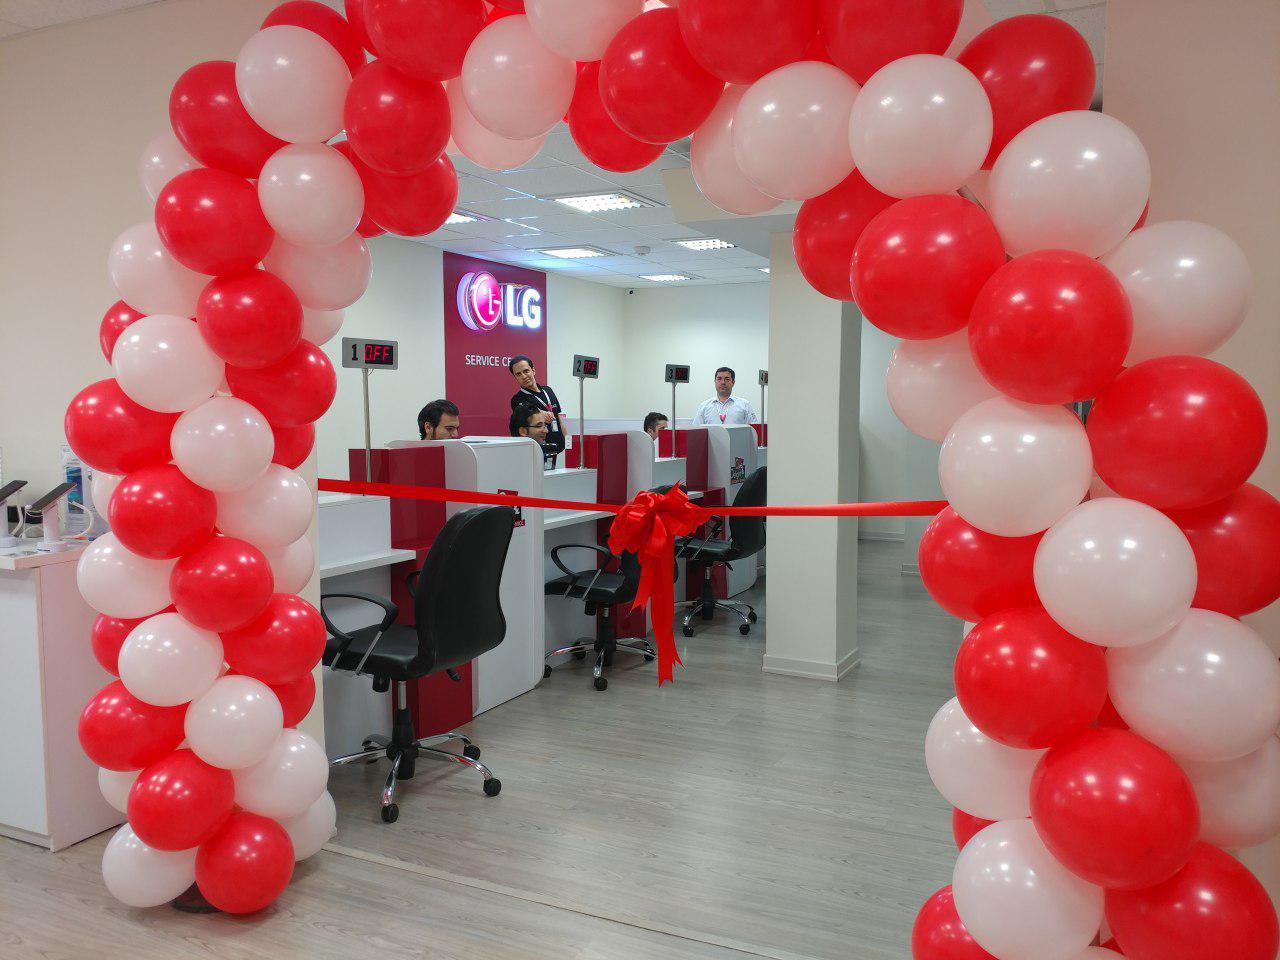 شعبه جدید خدمات موبایل الجی؛ تعمیر در حضور مشتری برای اولین بار